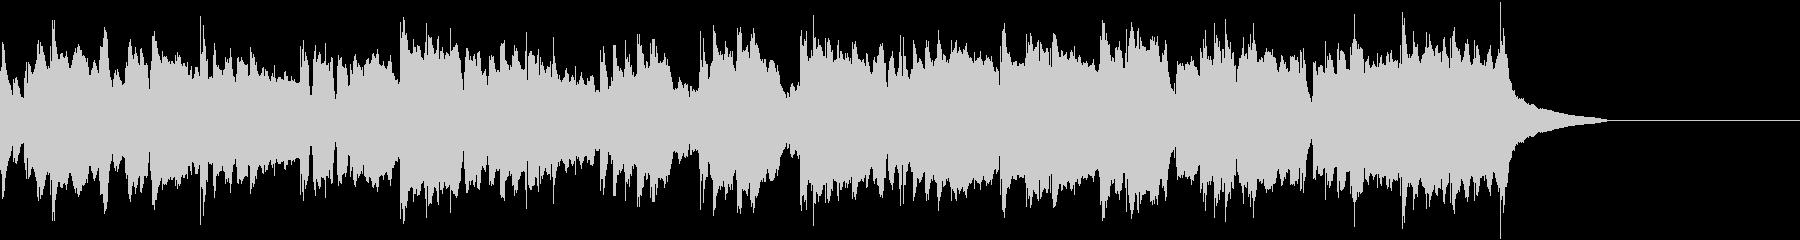 告知やCMなどに使える穏やかな曲の未再生の波形